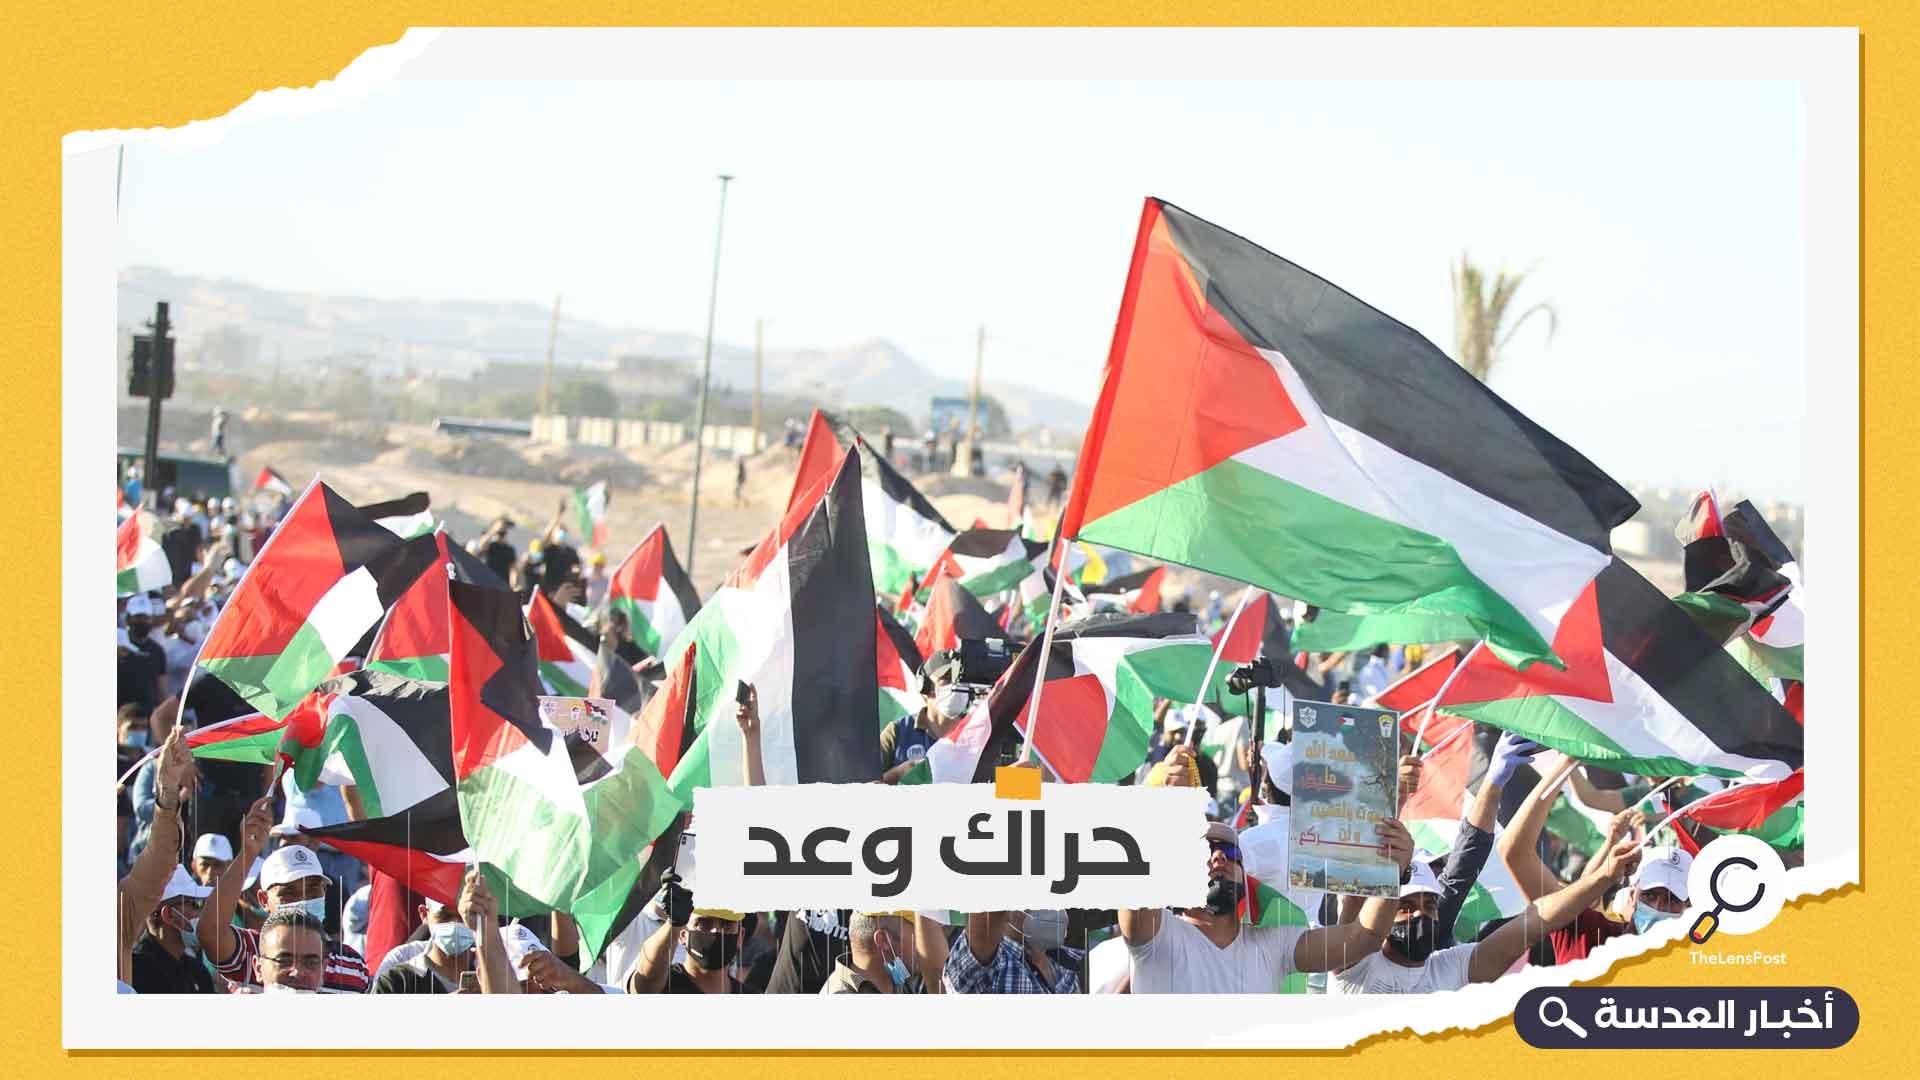 الإعلان عن تأسيس تيار سياسي جديد في فلسطين